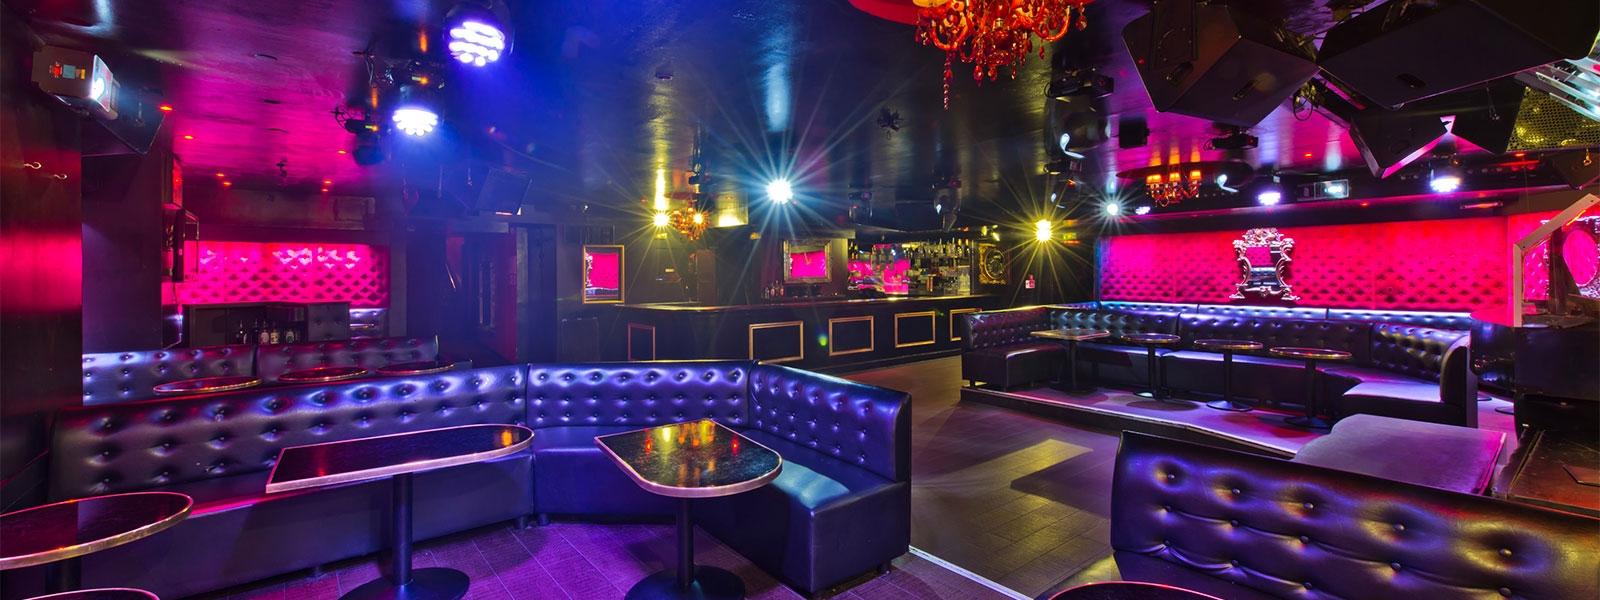 location club boite de nuit paris paris 75008 event collection. Black Bedroom Furniture Sets. Home Design Ideas